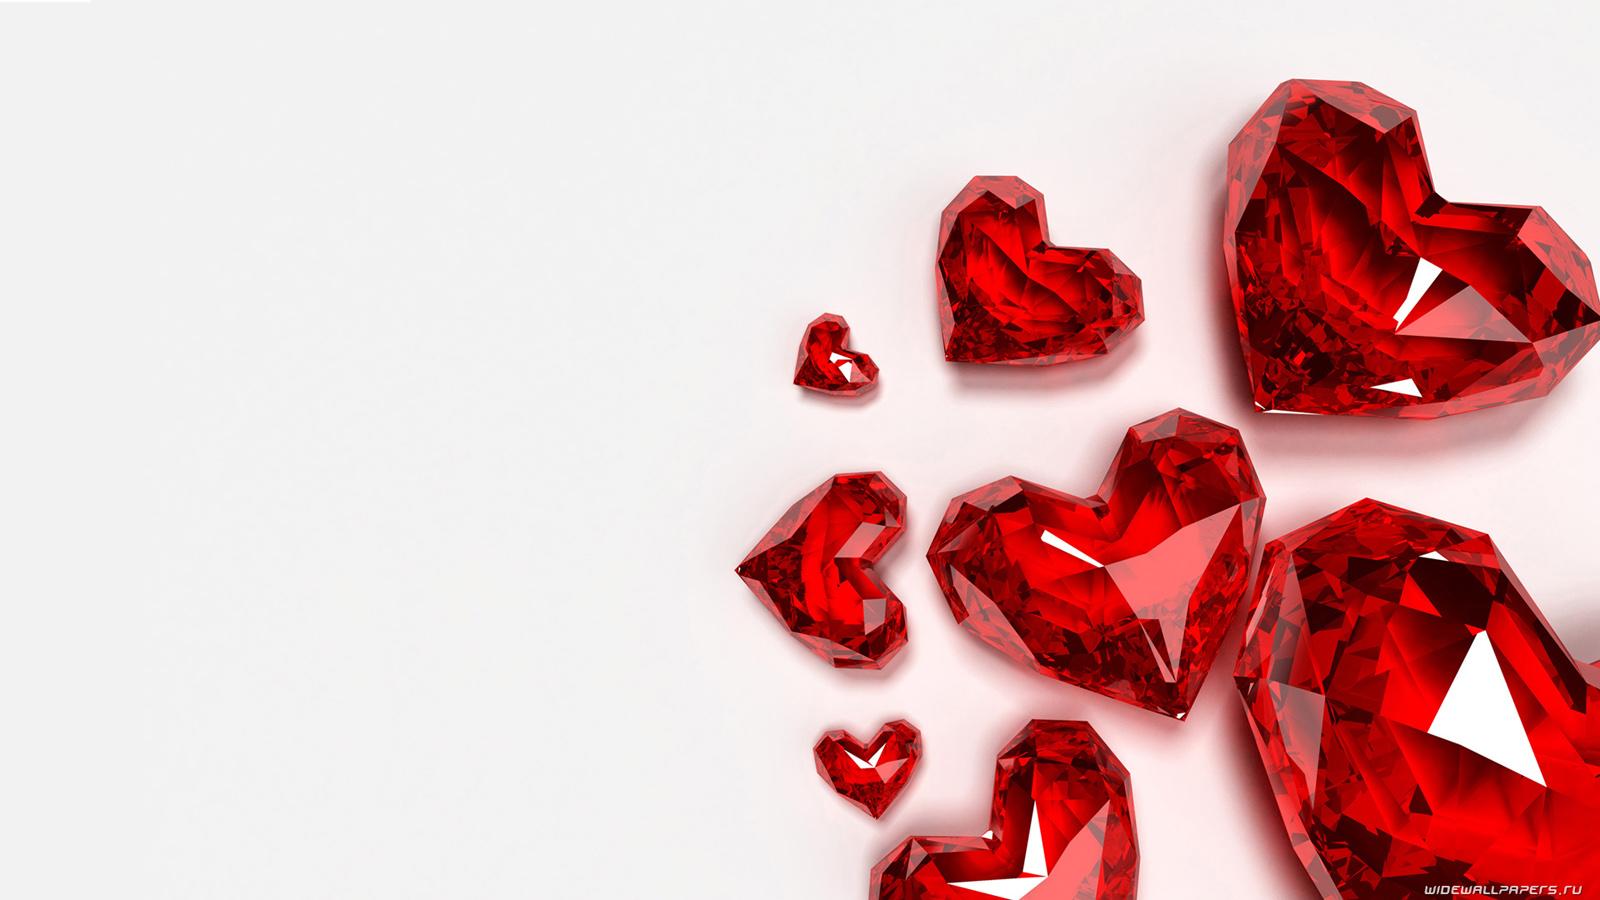 Бесплатные hd обои любовь (en: love) фото и картинки на ваш рабочий стол скачать.